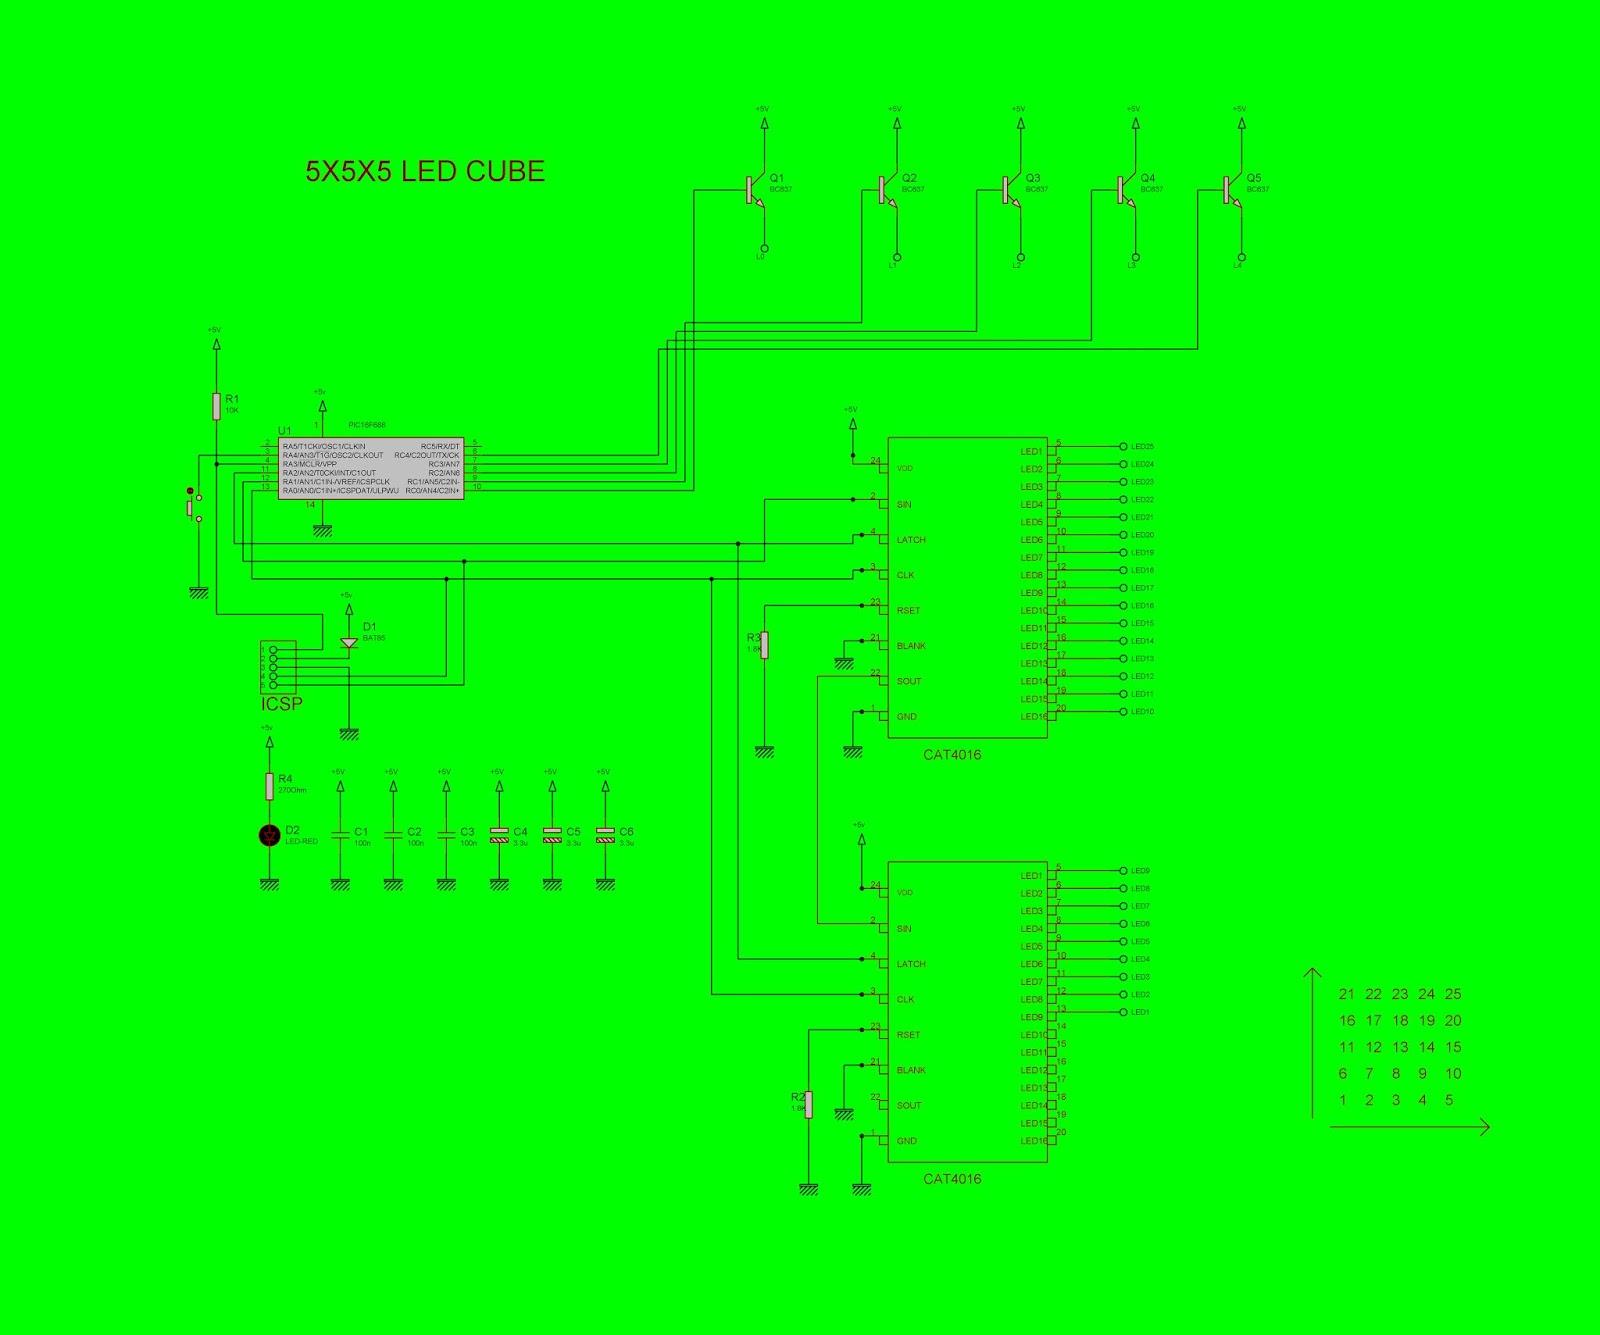 Electronics World: 5x5x5 LED CUBE on